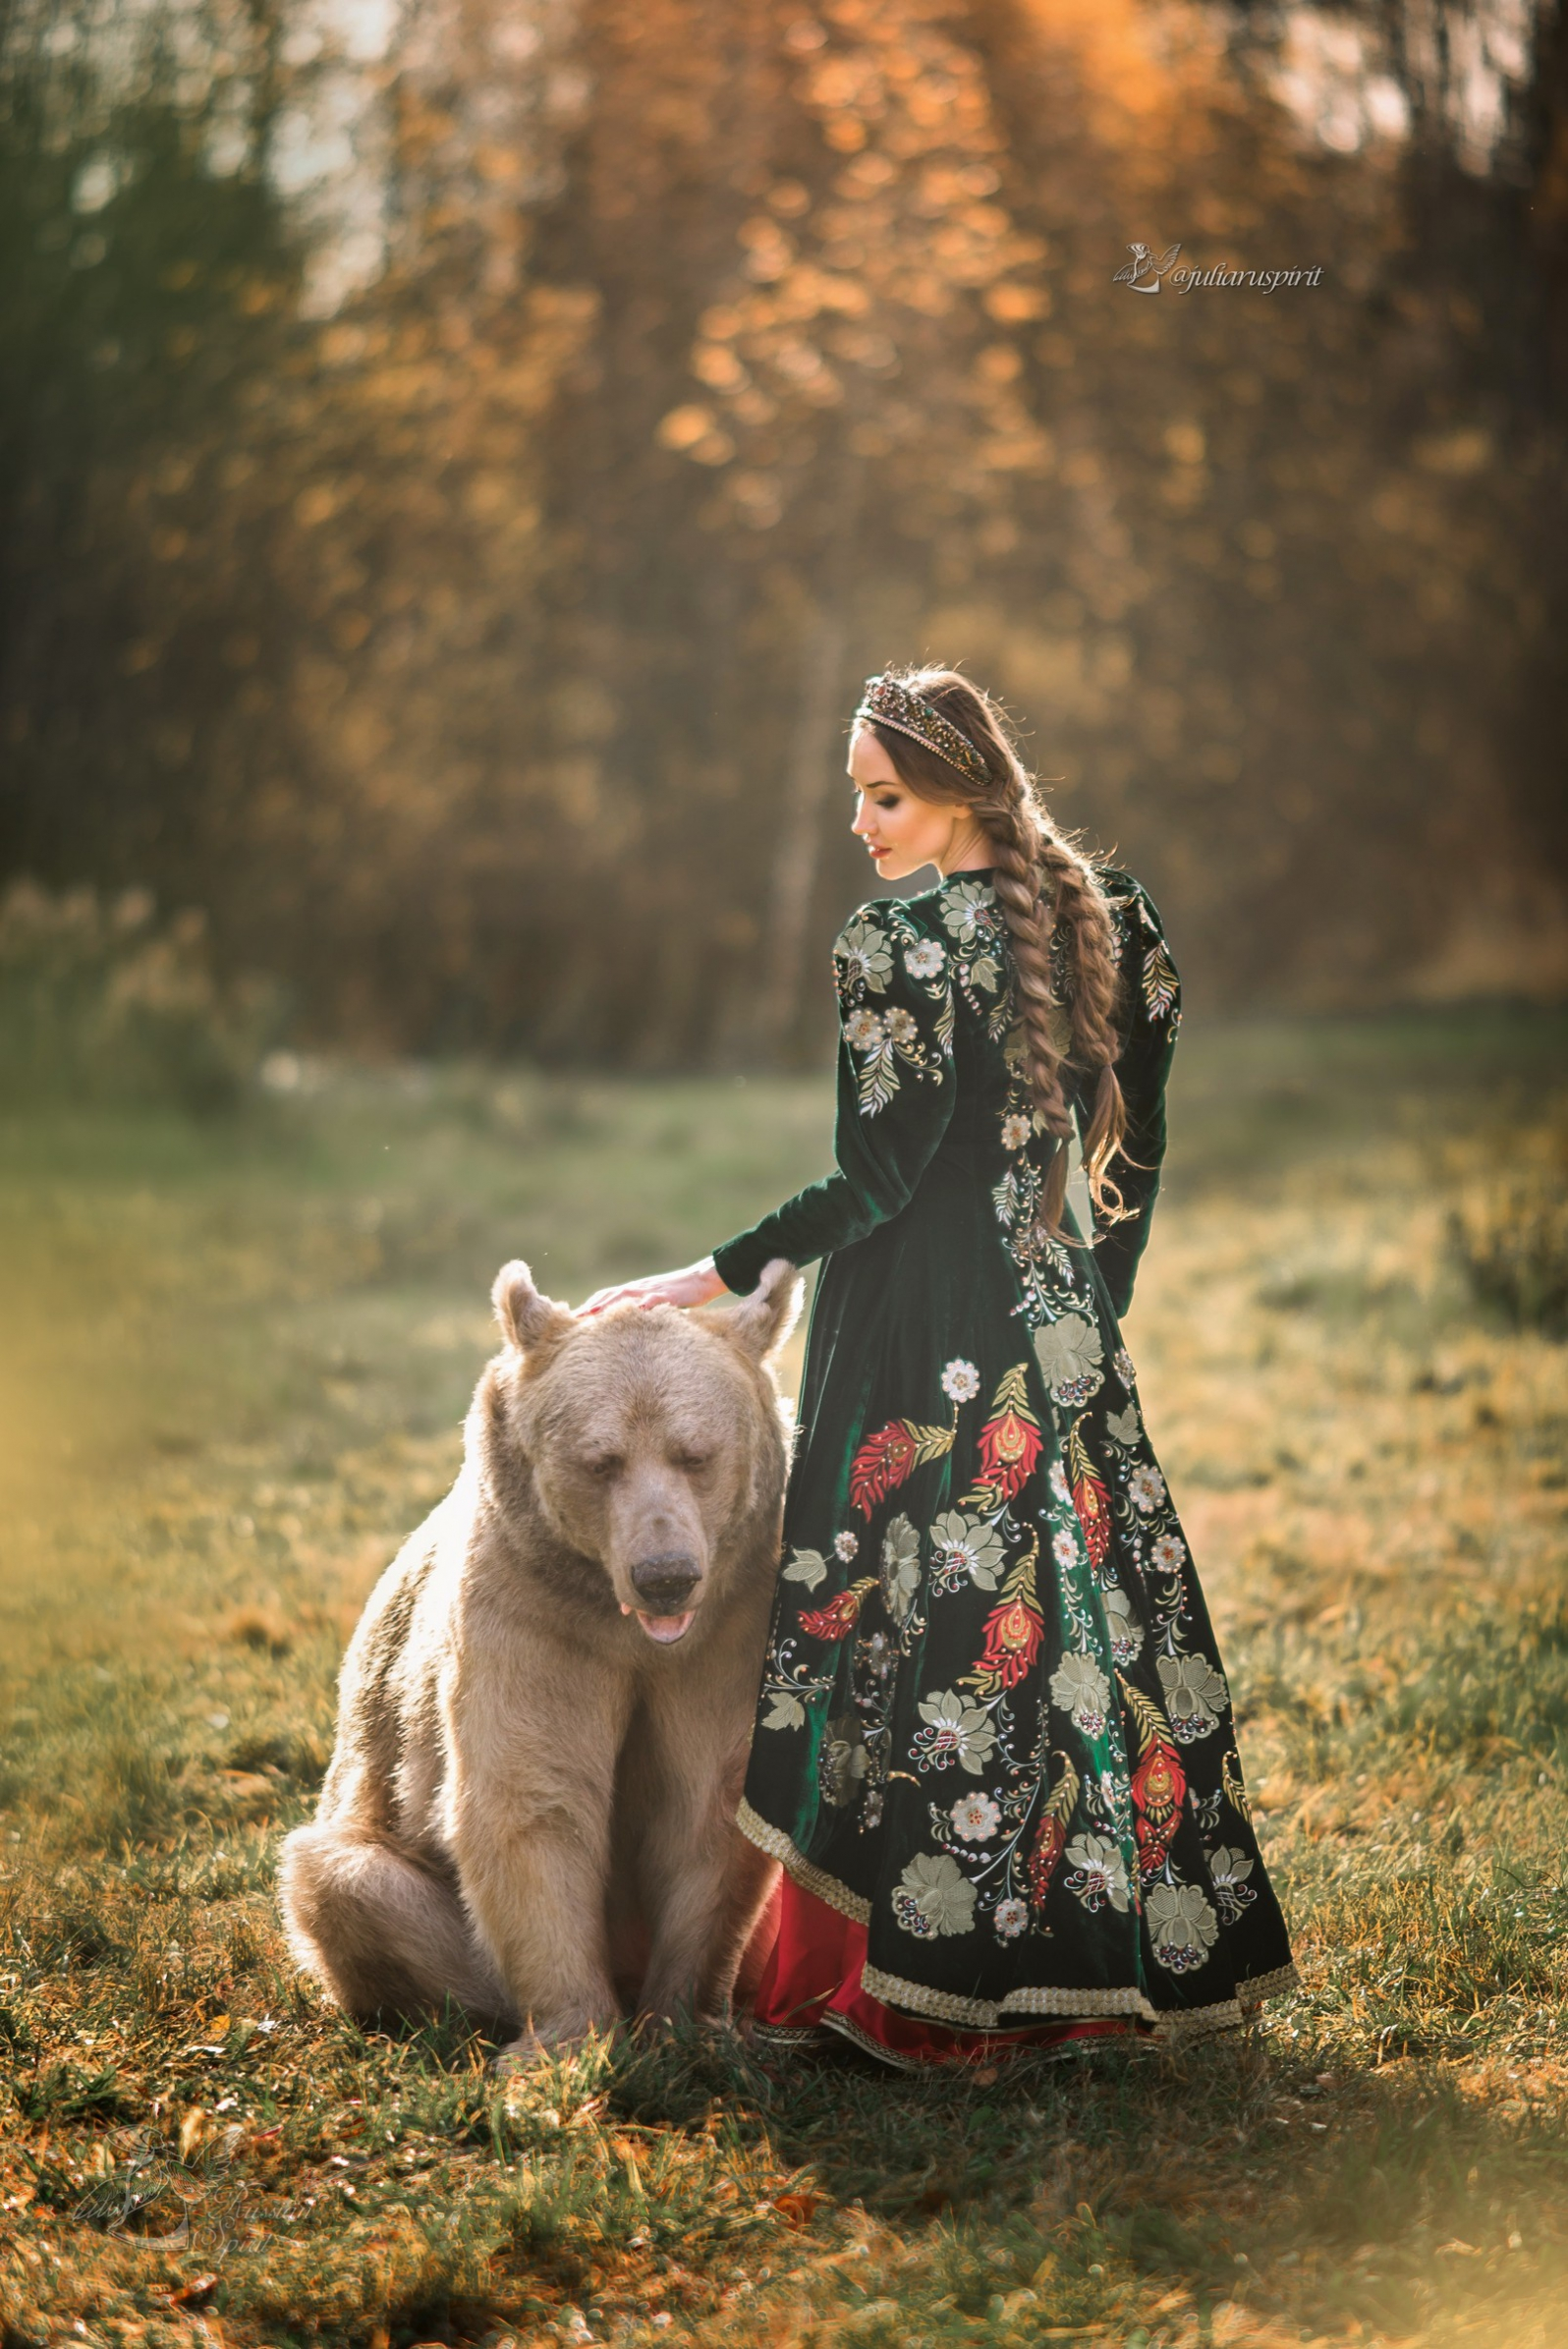 Девушка в вышитом узорами платье гладит медведя